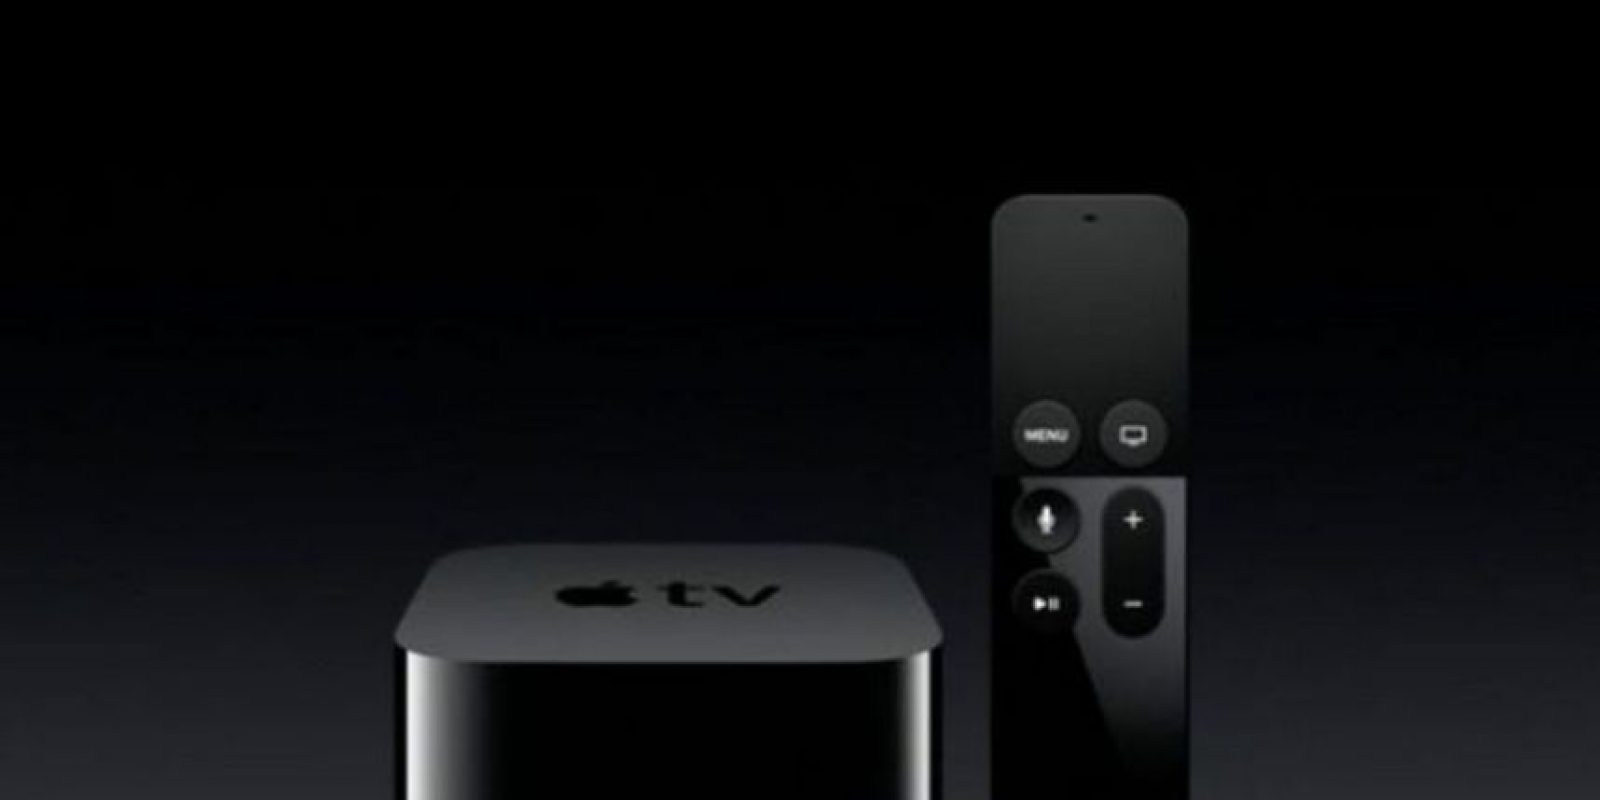 El nuevo Apple TV fue presentado el 9 de septiembre. Foto:Apple